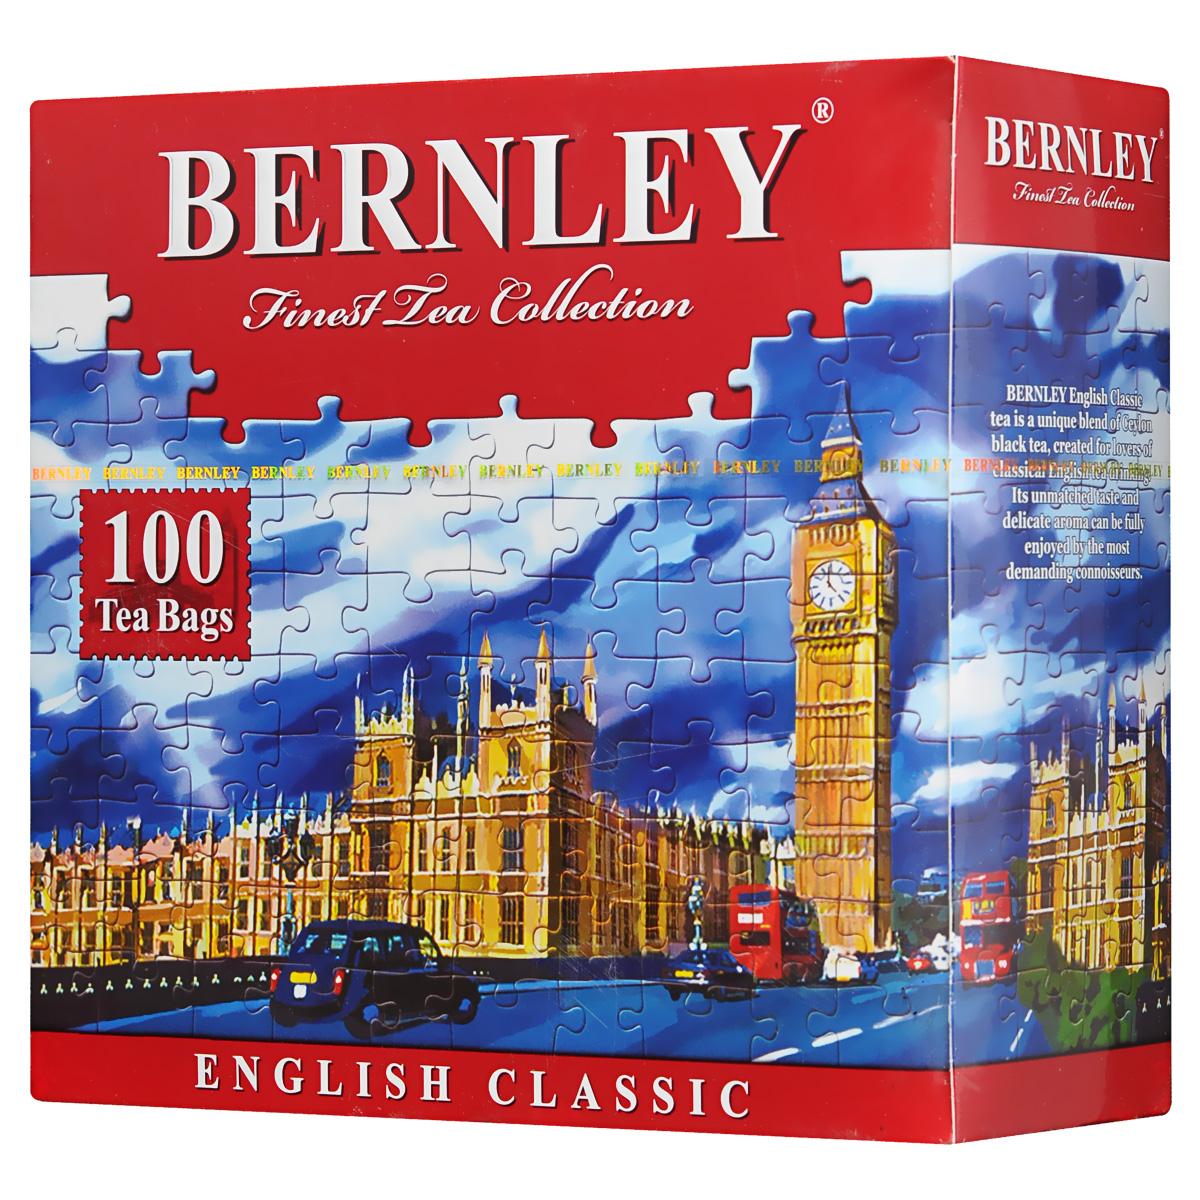 Bernley English Classic черный чай в пакетиках, 100 шт0582-09Bernley English Classic - традиционный черный чай, созданный по классическому английскому рецепту, с густым, насыщенного цвета настоем и тонким ароматом, присущим лишь лучшим сортам цейлонского чая. Вкус терпкий, сбалансированный, с утонченными оригинальными оттенками.